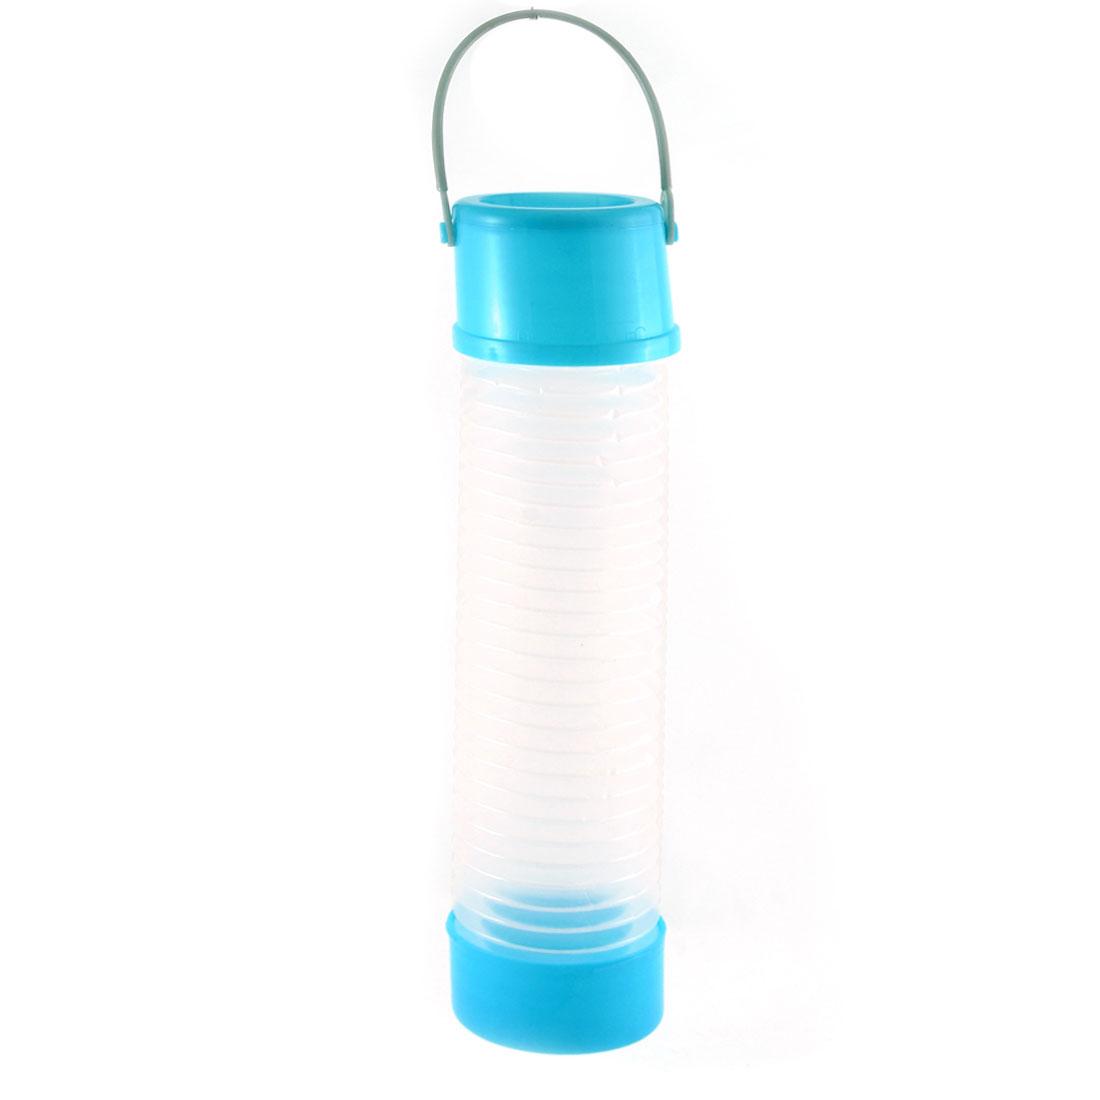 Car School Plastic Retractable Canister Design Umbrella Organiser Container Blue